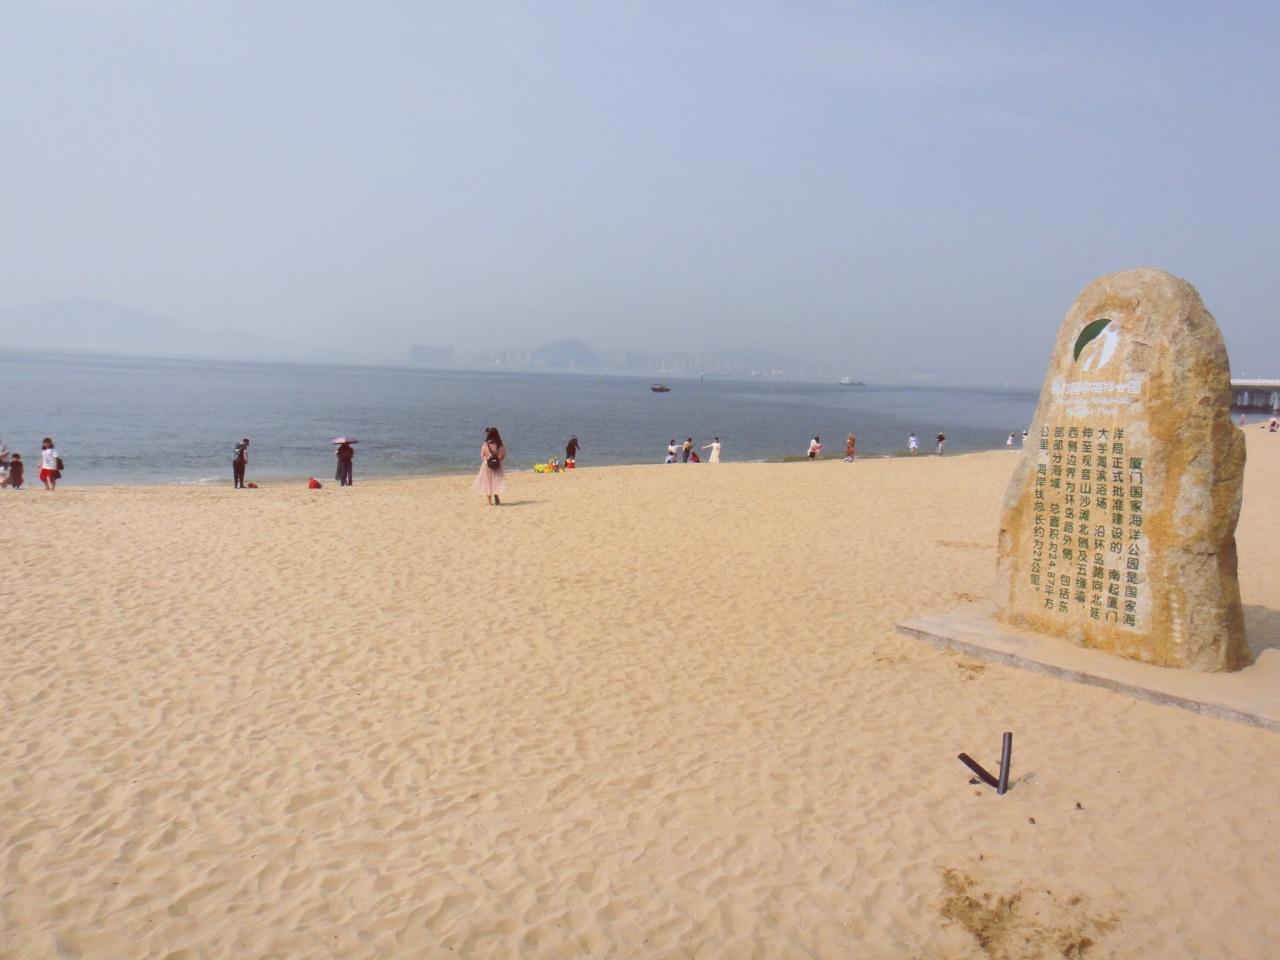 """随后我们就沿着环岛路逛,由于天空又再一次淅淅沥沥的下起了雨,我们无法在沙滩漫步,近距离的感受属于厦门的海滩。但是这里是一个环境非常优美的消遣时光之处,音乐广场集艺术性与纪念性、知识性为一体,这里是曾经""""跑男""""厦门站的拍摄地。一国两制沙滩纪念香港澳门回归统一政策,沙滩地址正向着海域对面的金门县岛屿,可以一海之隔看台湾。 这里还是看日出日落的好去处,顺便抓取之前拍摄的照片让大家感受."""